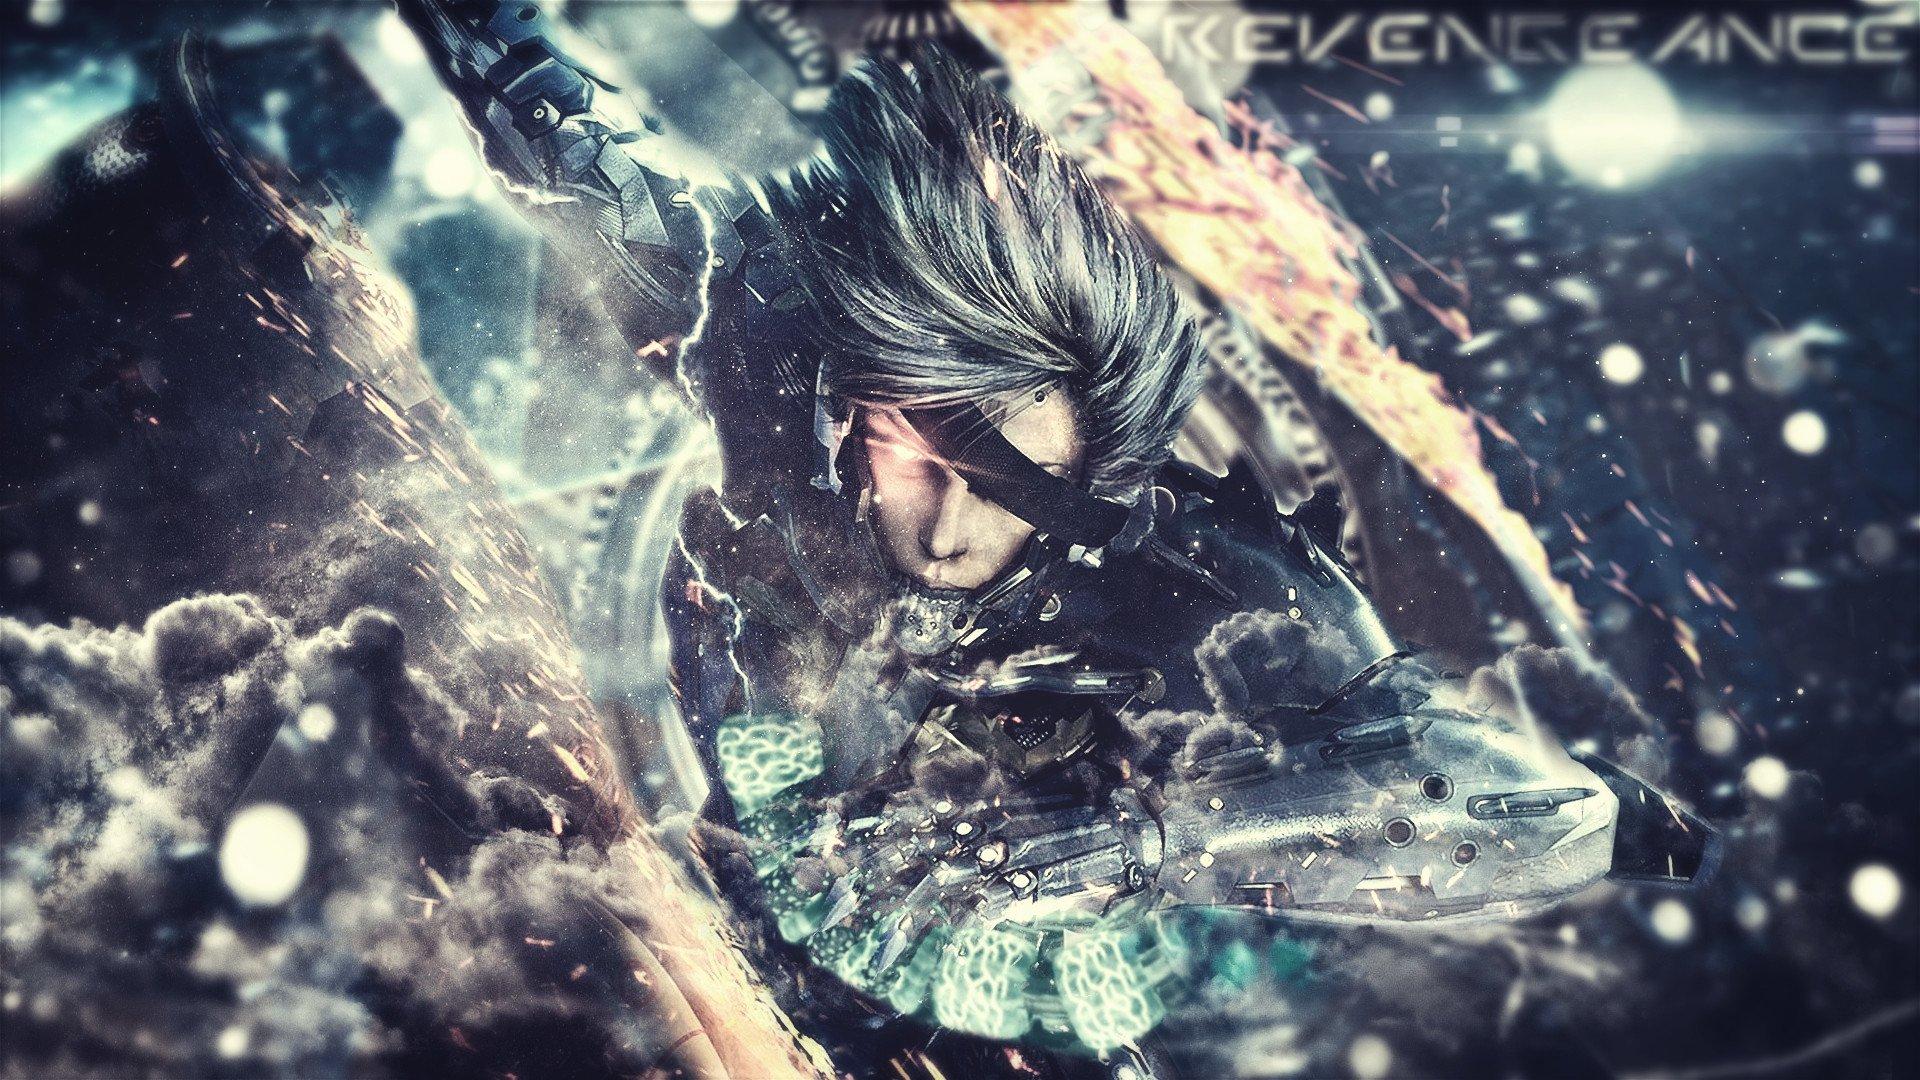 合金装备崛起:复仇/Metal Gear Rising: Revengeance插图3